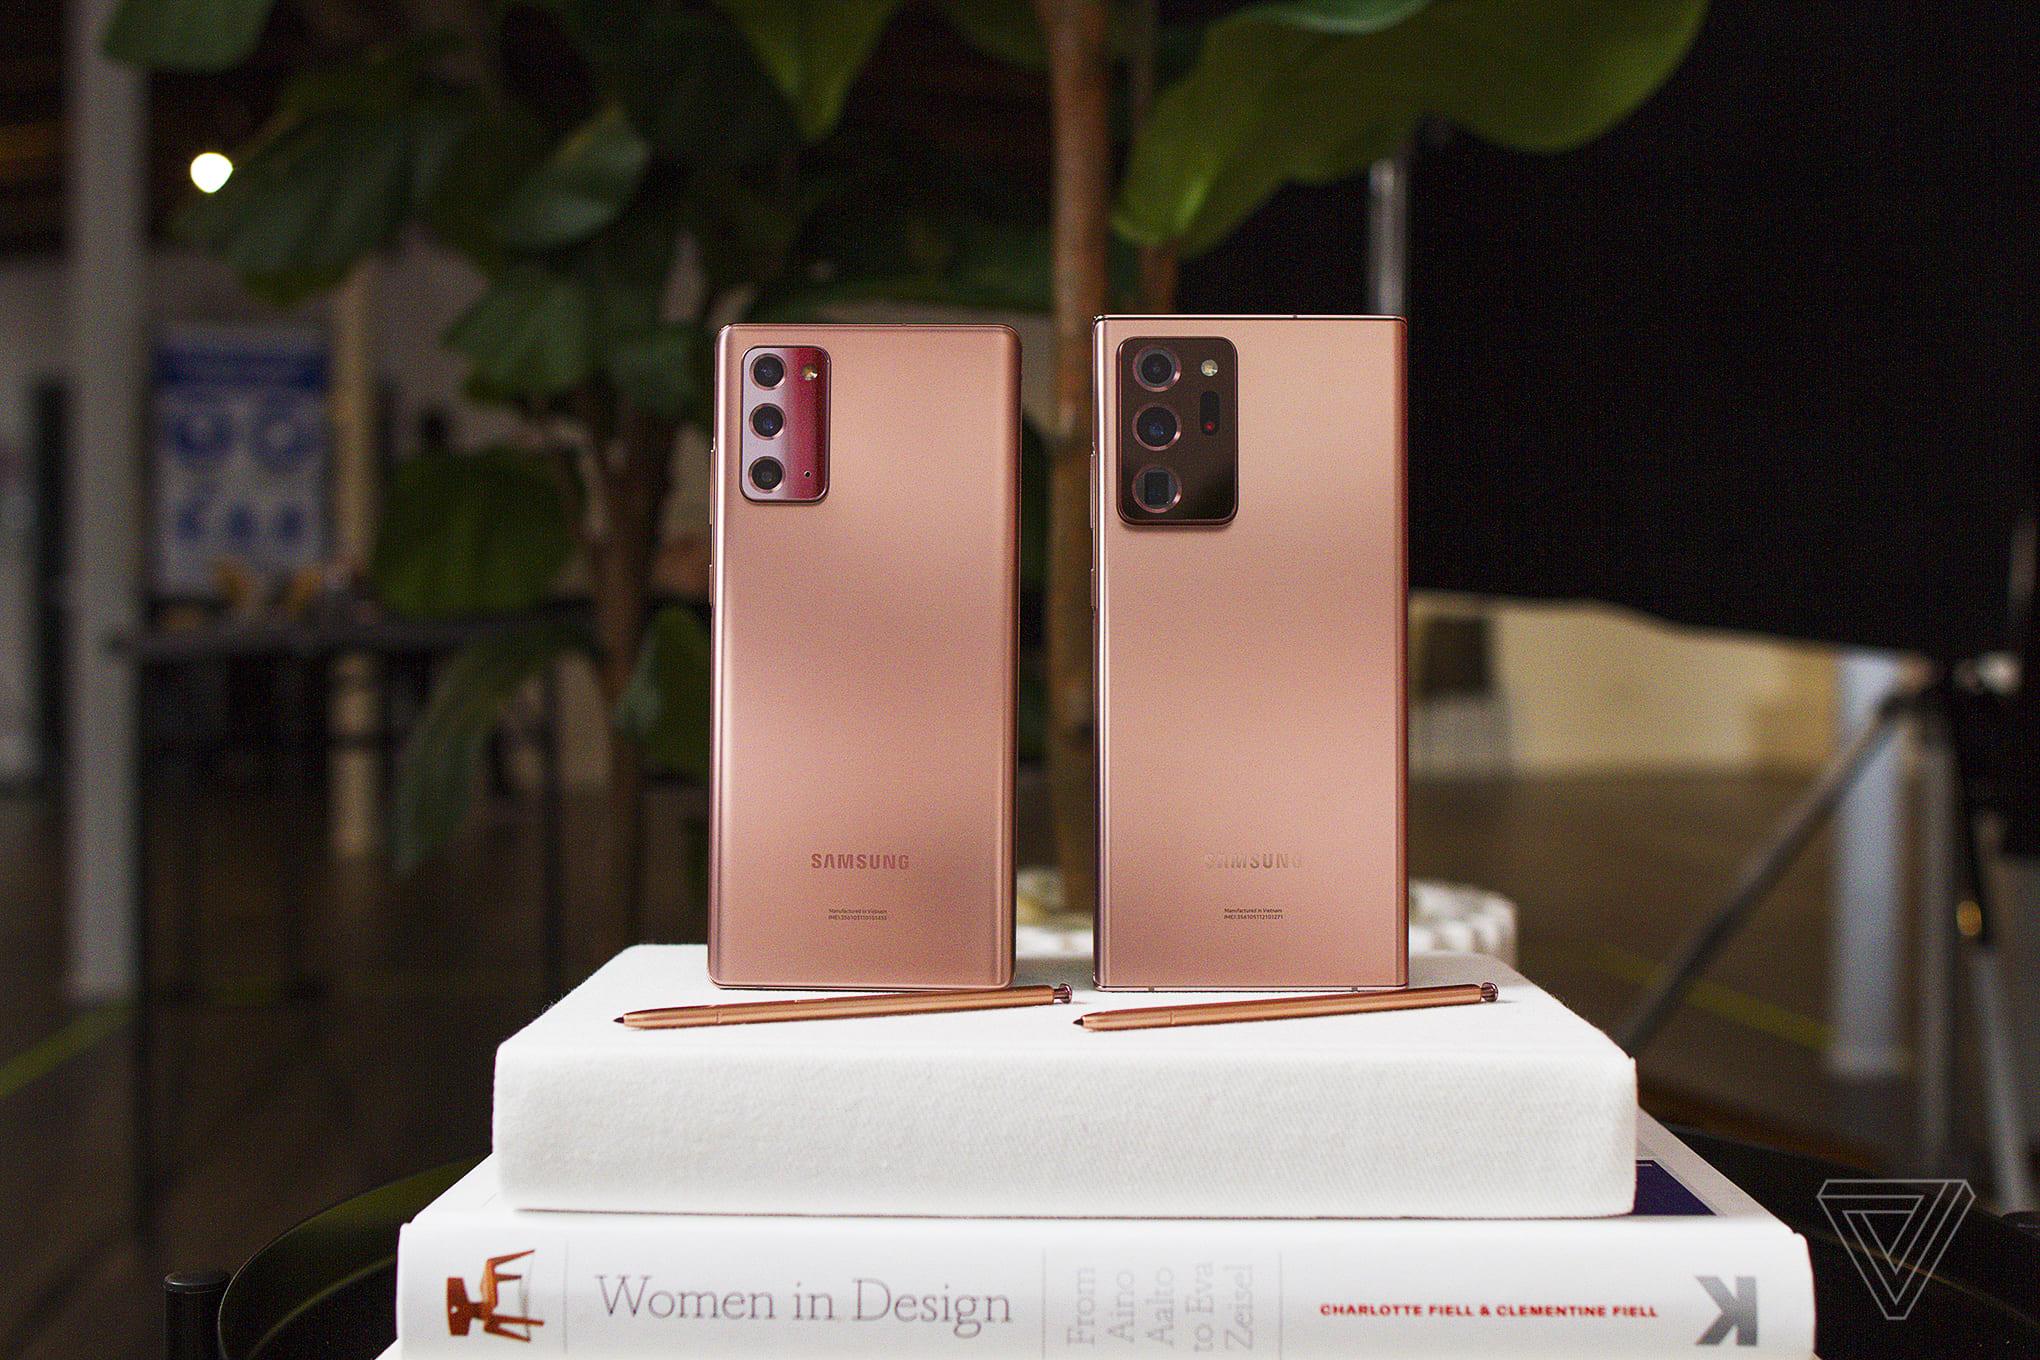 Tổng hợp những công bố chính của Samsung tại sự kiện Unpacked 2020